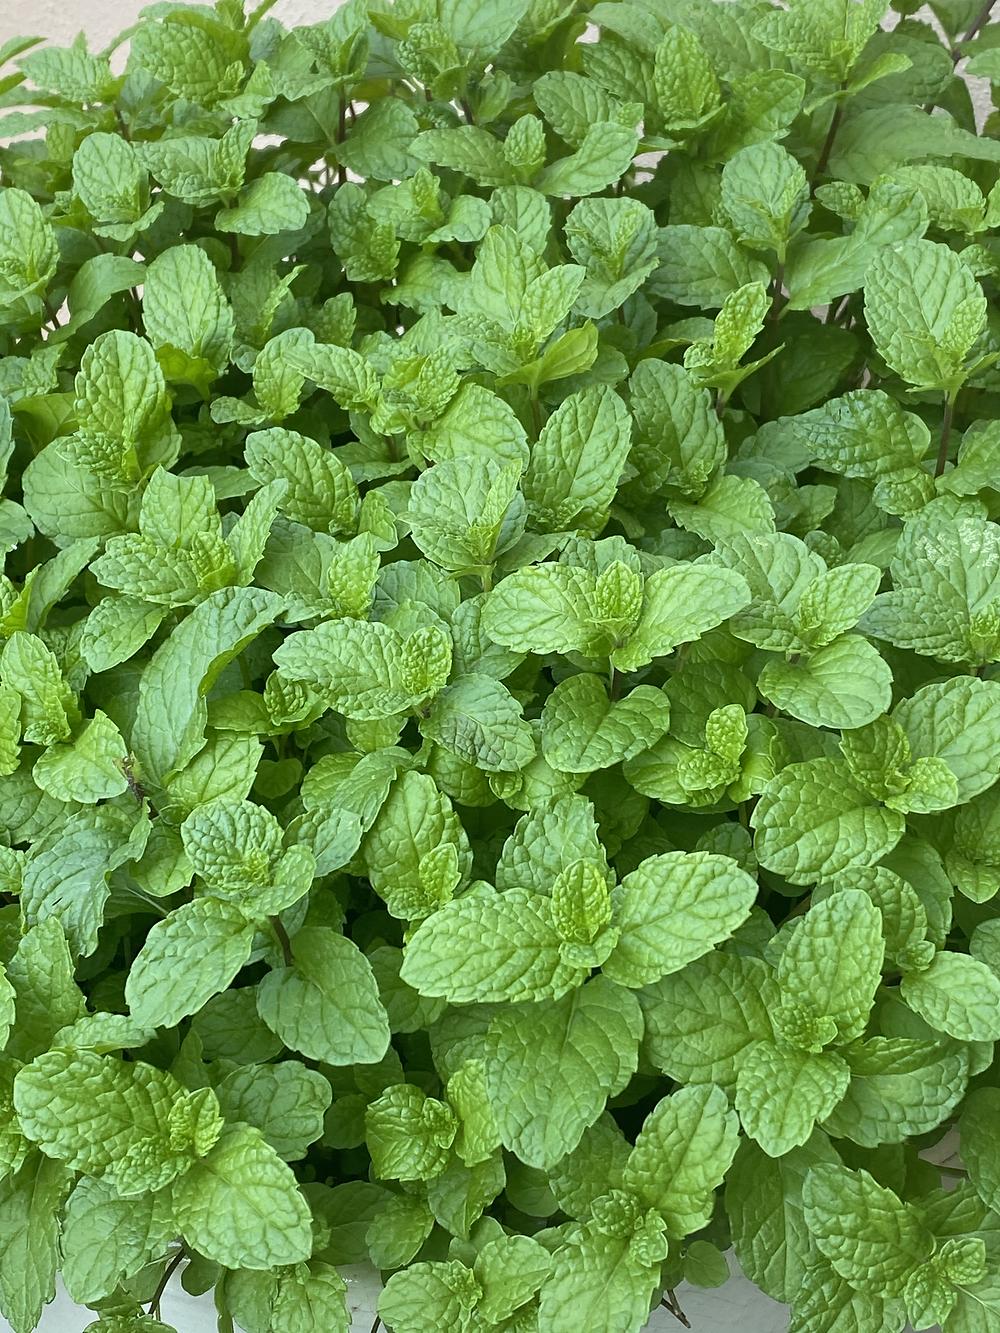 Growing mint in a pot